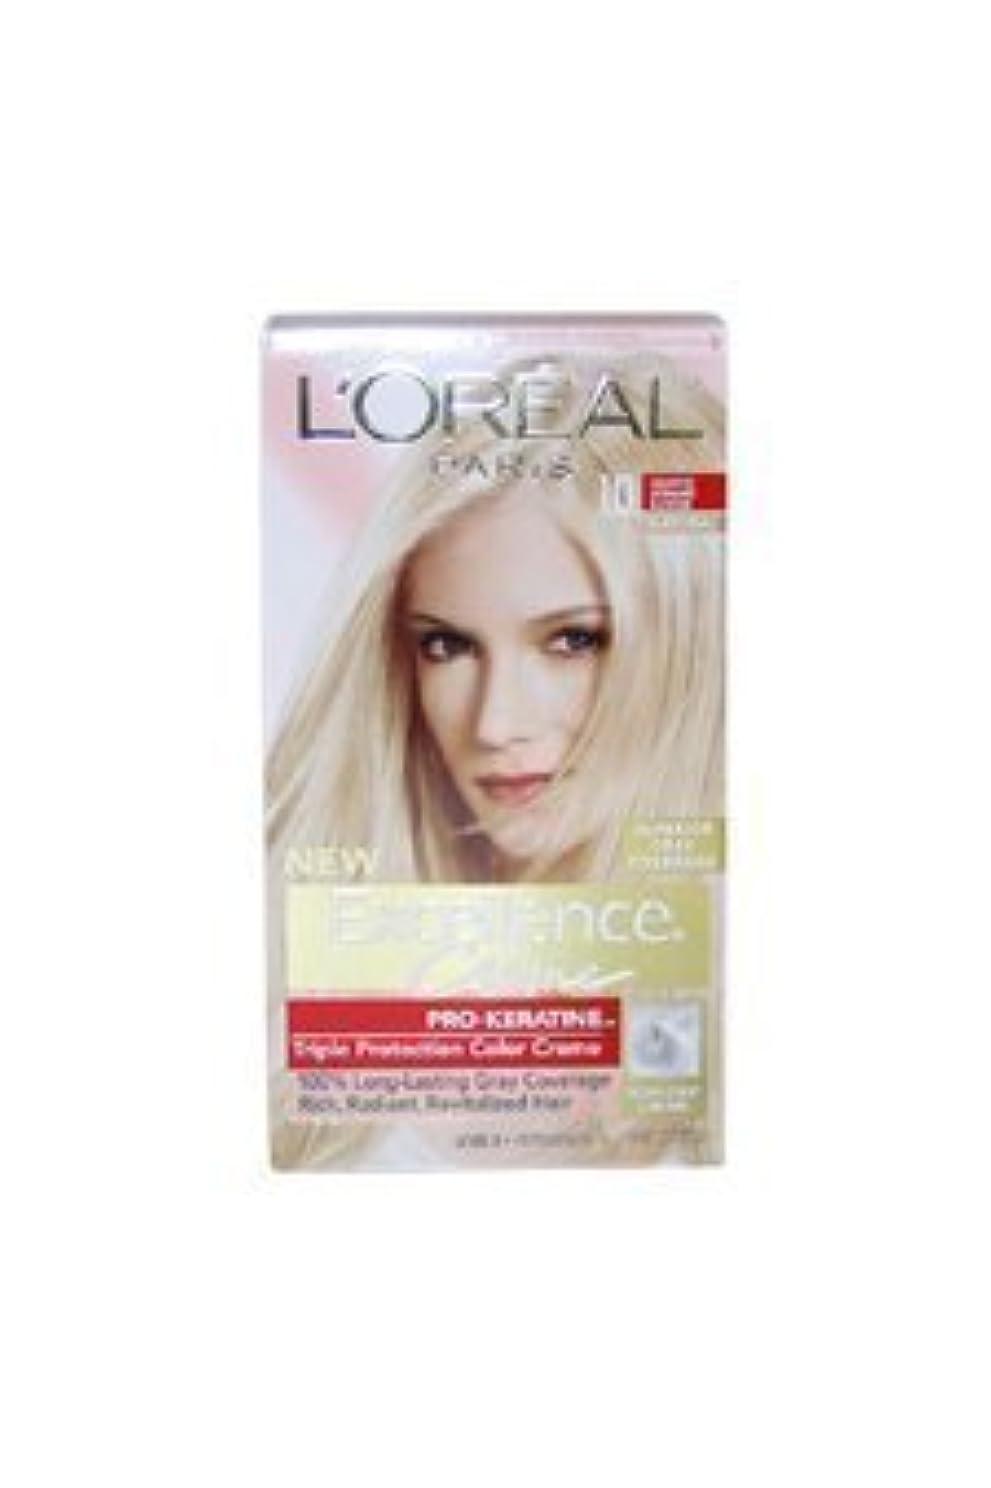 純正喉頭タックルExcellence Creme Pro - Keratine 10 Light Ultimate Blonde - Natural by L'Oreal - 1 Application Hair Color by L'Oreal...